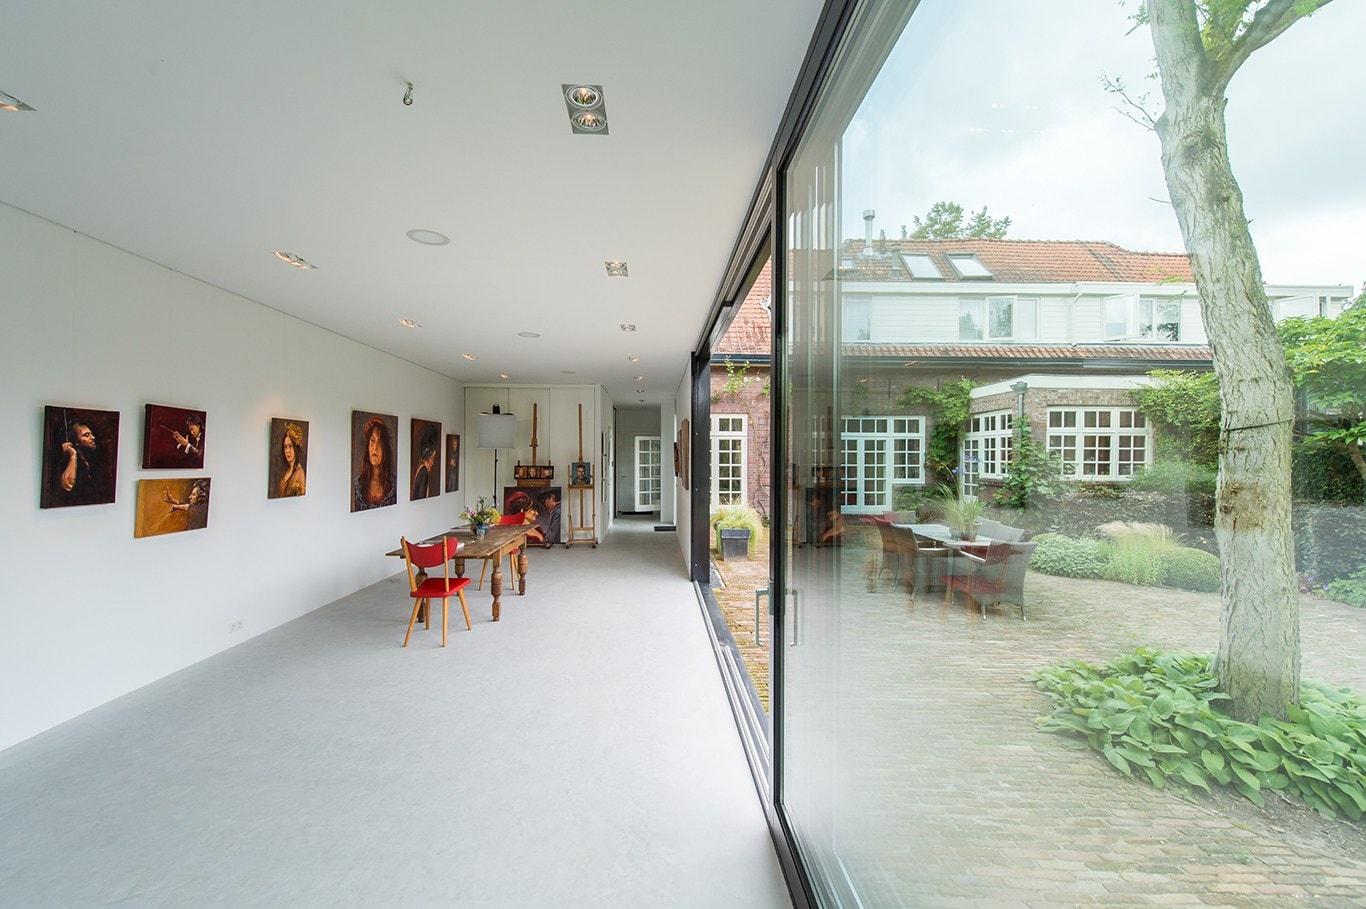 Atelier voor portretschilder in Breda. Contrast tussen het strakke interieur van het atelier en het traditionele exterieur van de woning.